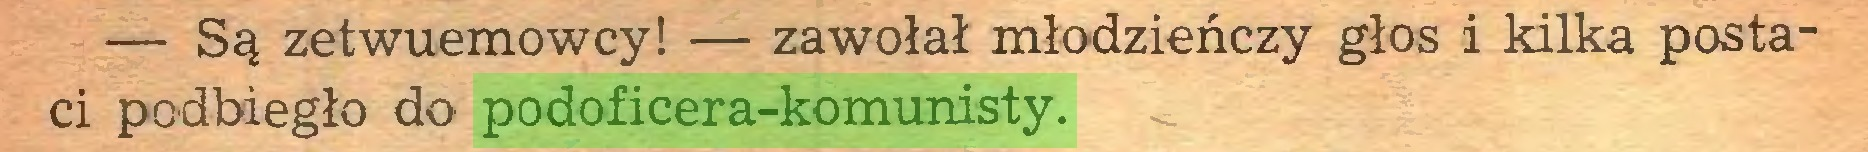 (...) — Są zetwuemowcy! — zawołał młodzieńczy głos i kilka postaci podbiegło do podoficera-komunisty...